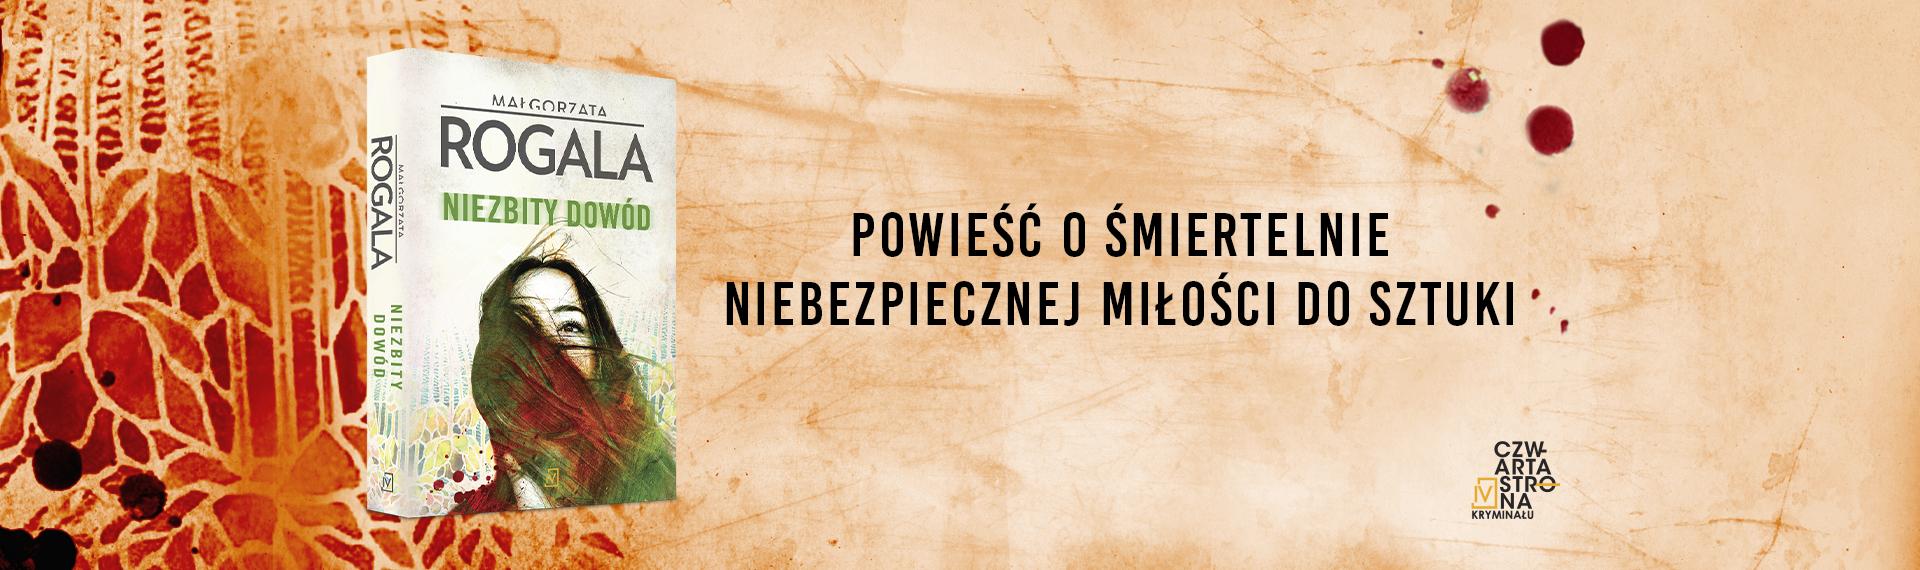 Niezbity dowód Małgorzata Rogala